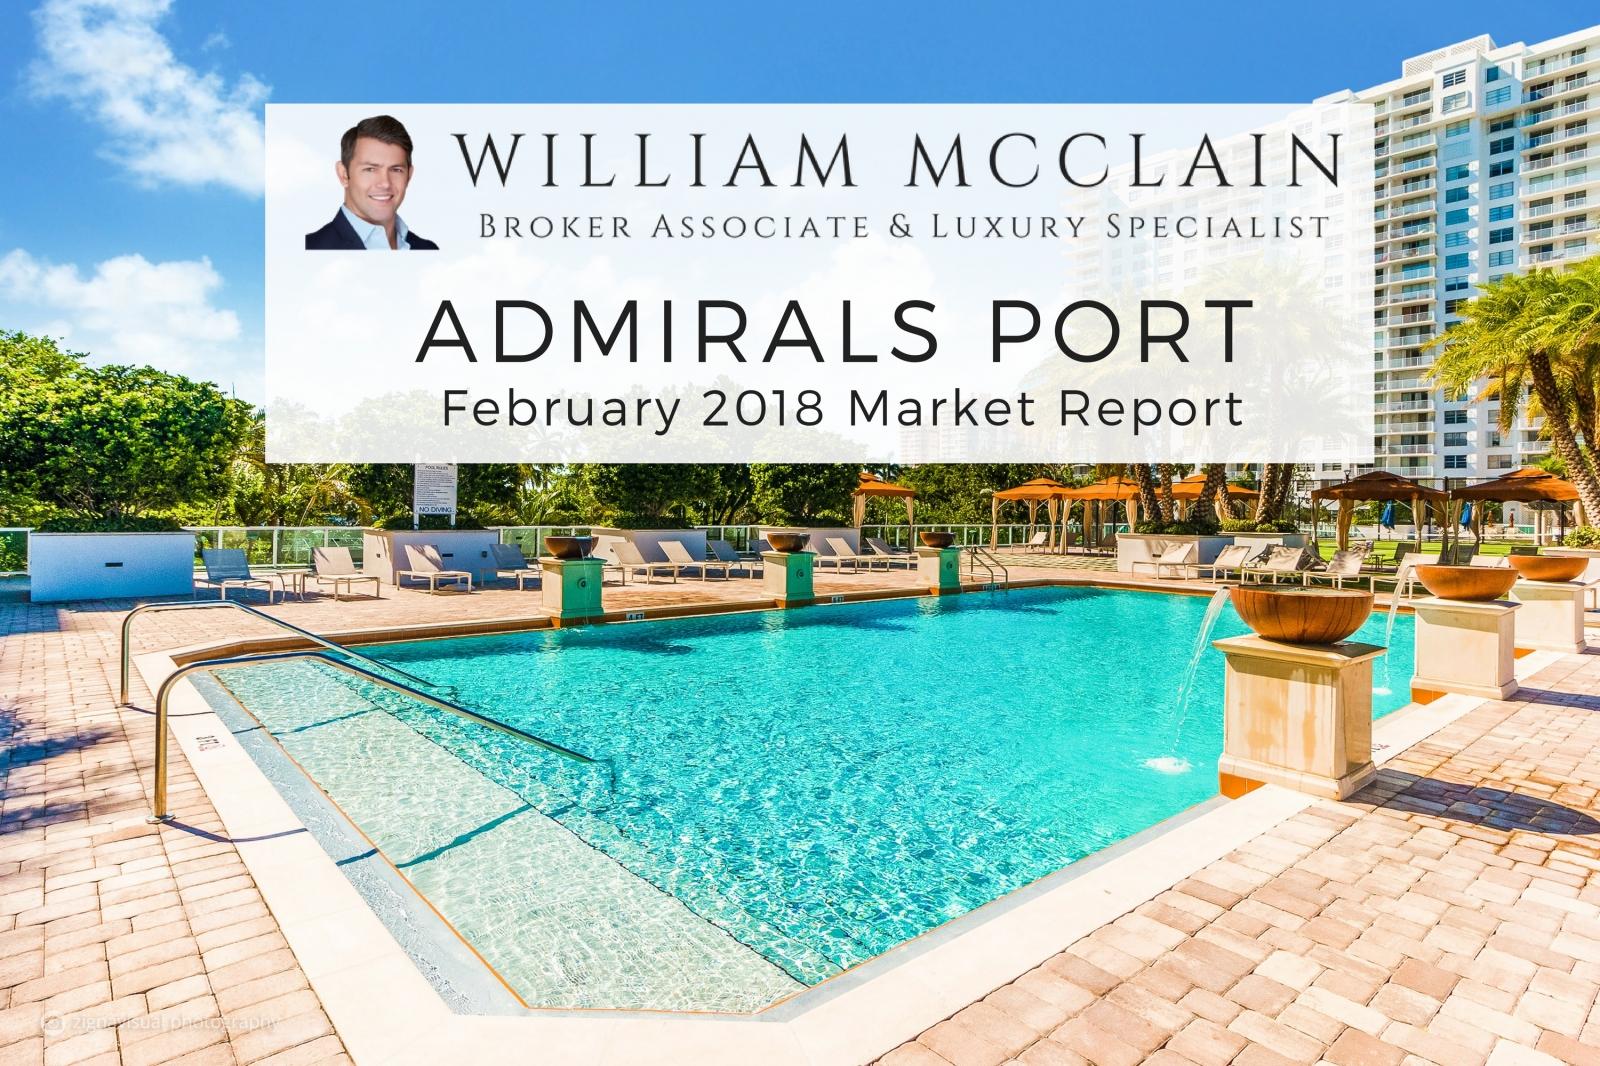 William McClain Admirals Port